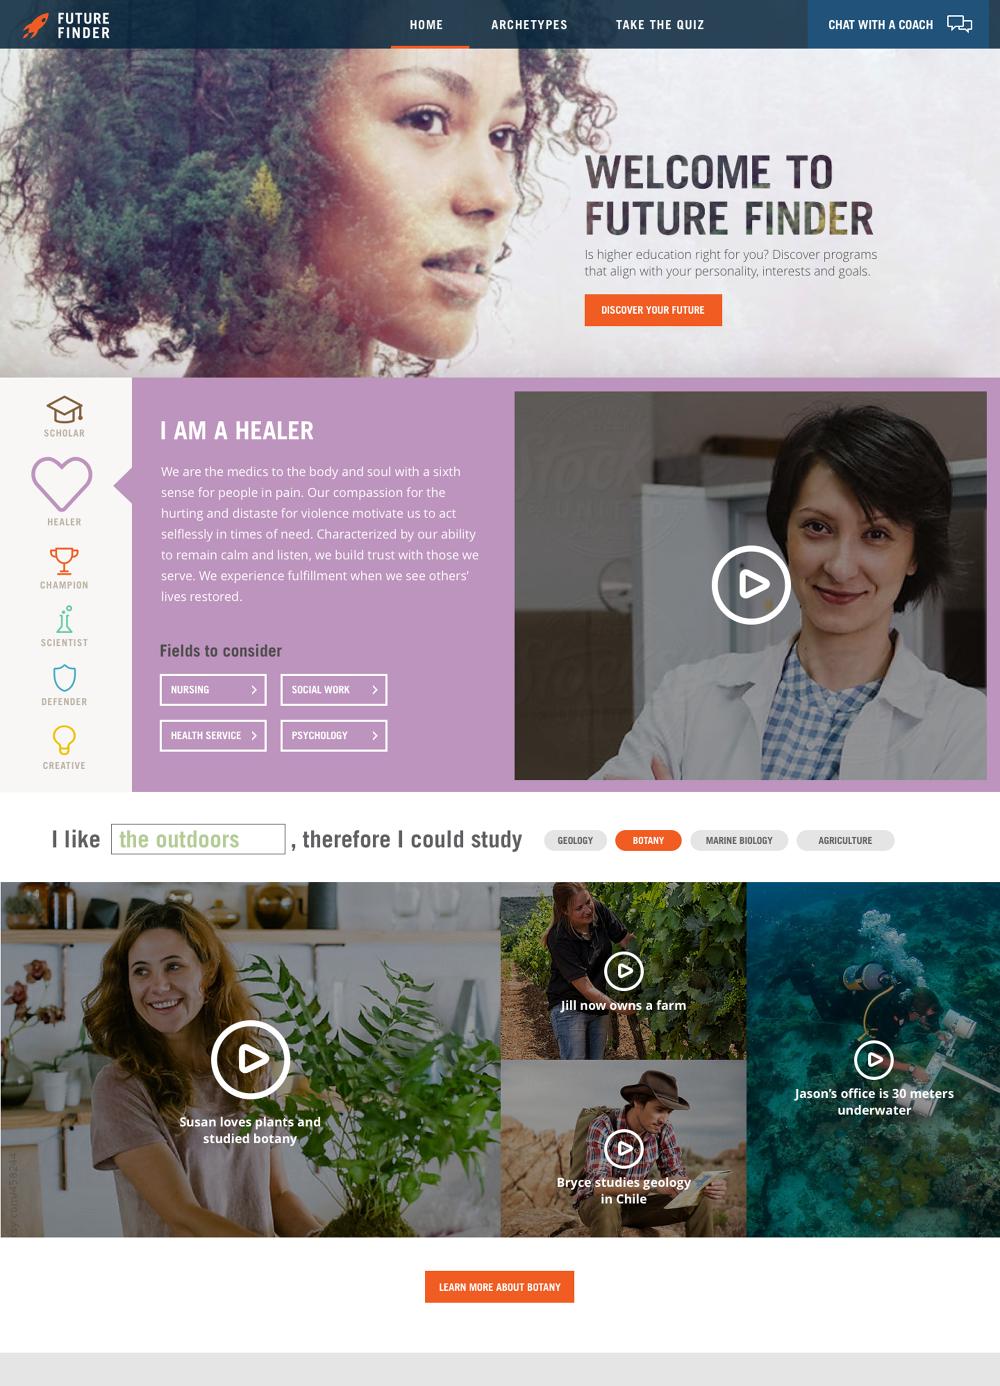 futurefinder-home-11782_1_1000.png